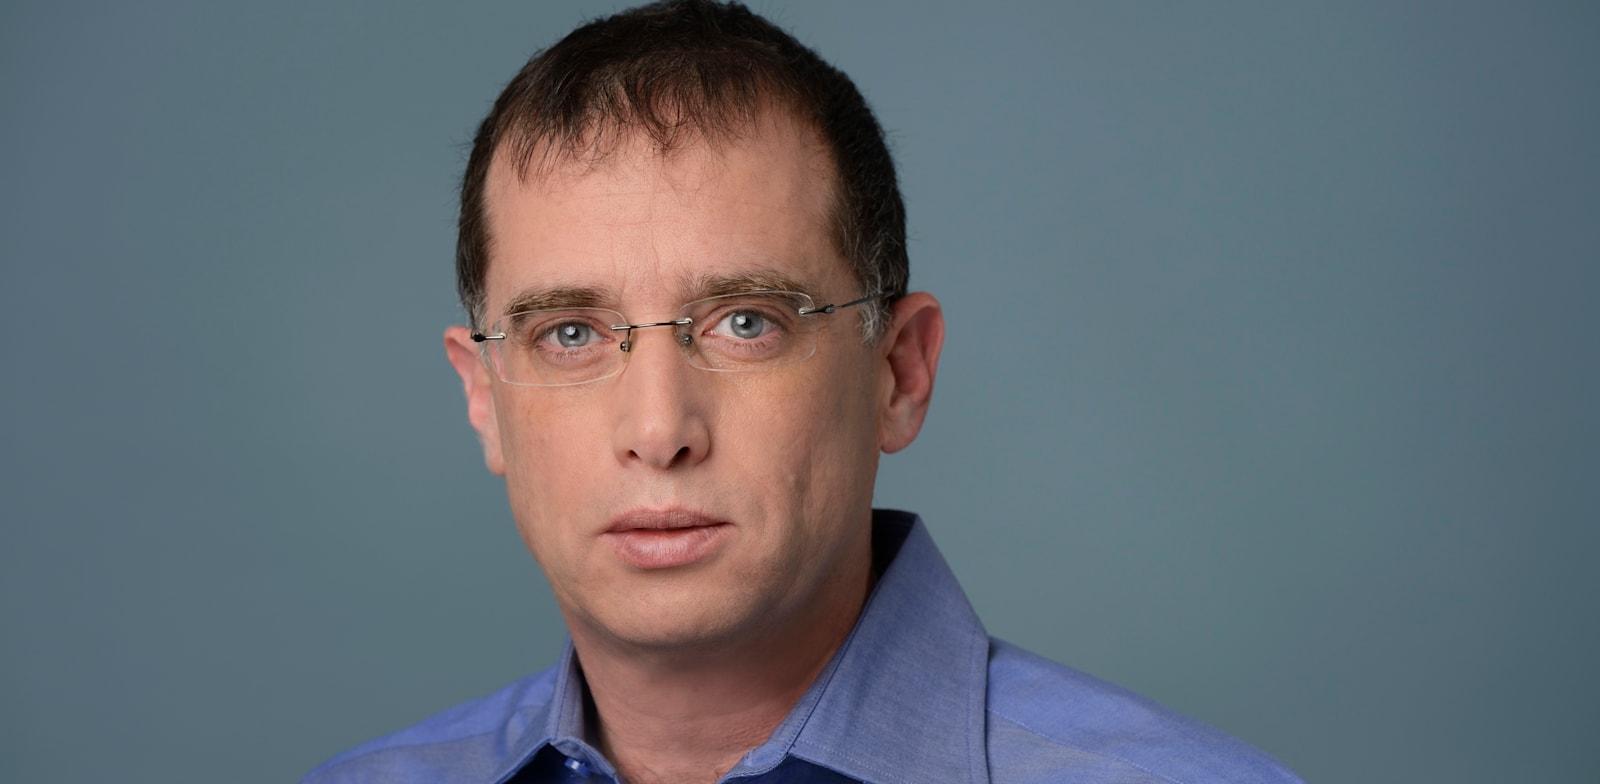 """רן גוראון, מנכ""""ל פלאפון, yes ובזק בינלאומי / צילום: יונתן בלום"""